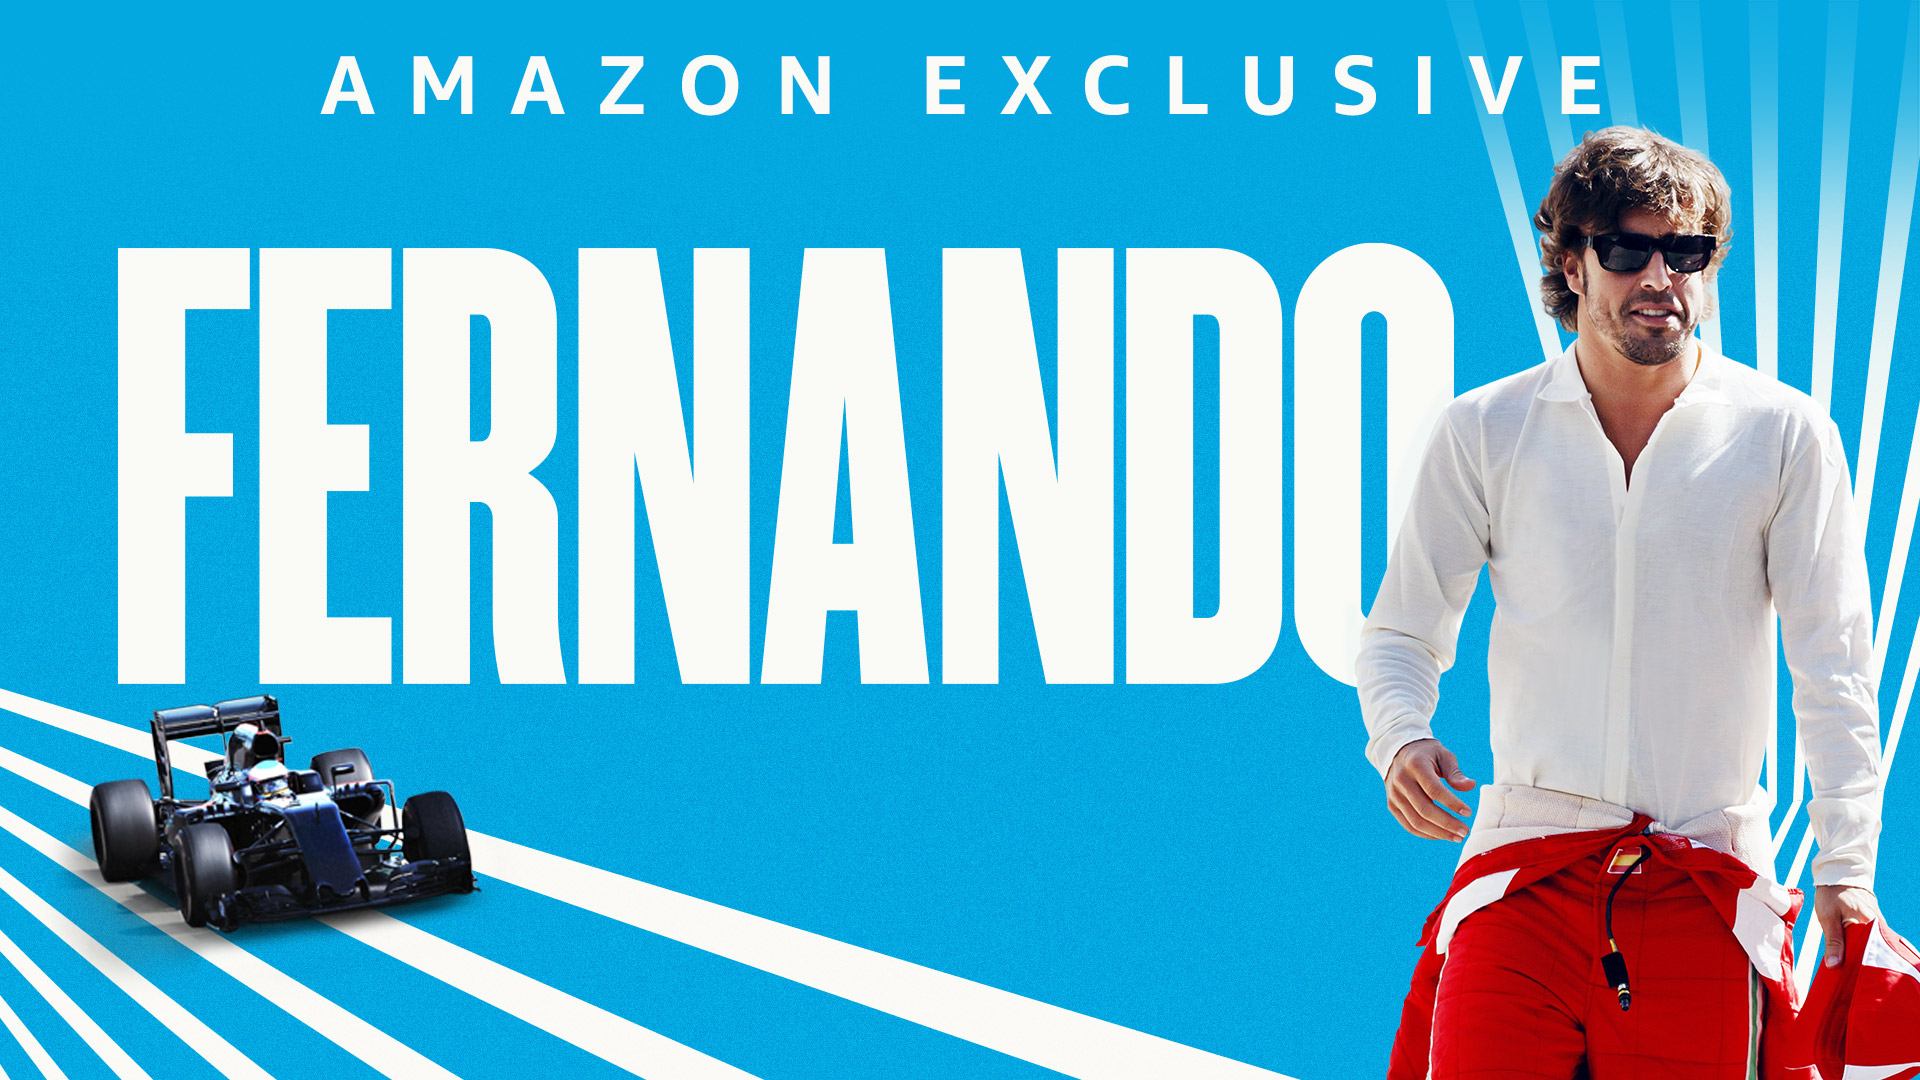 Fernando 4K UHD (Dubbed) - Season 1